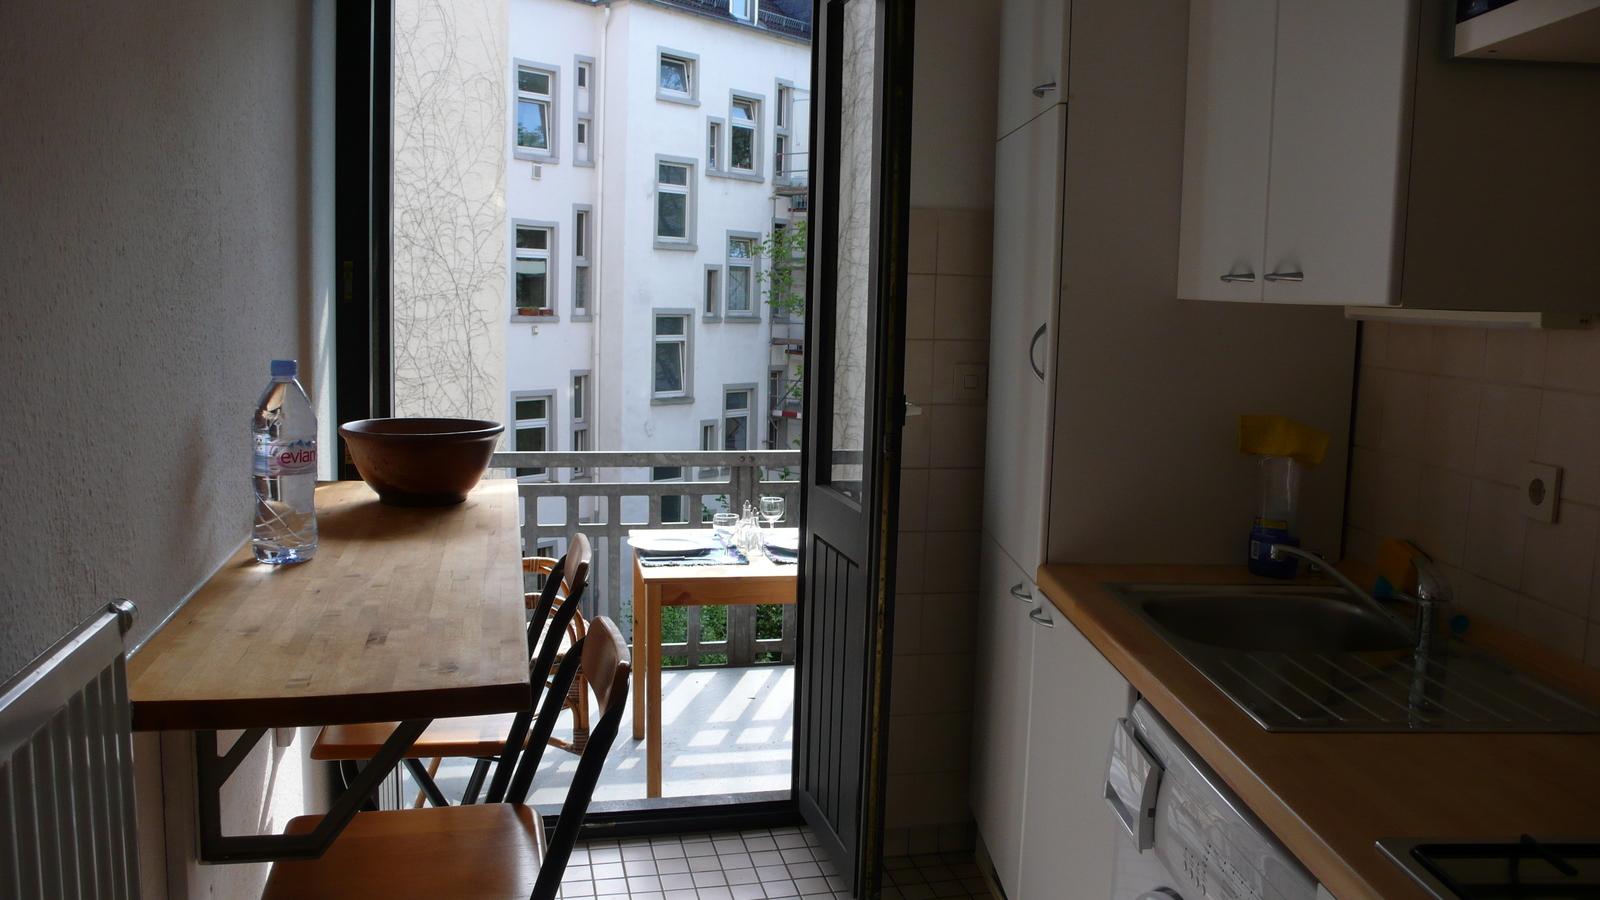 2nd-floor-8 Möblierte 2 Zimmerwohnung mit Balkon %Bockenheim